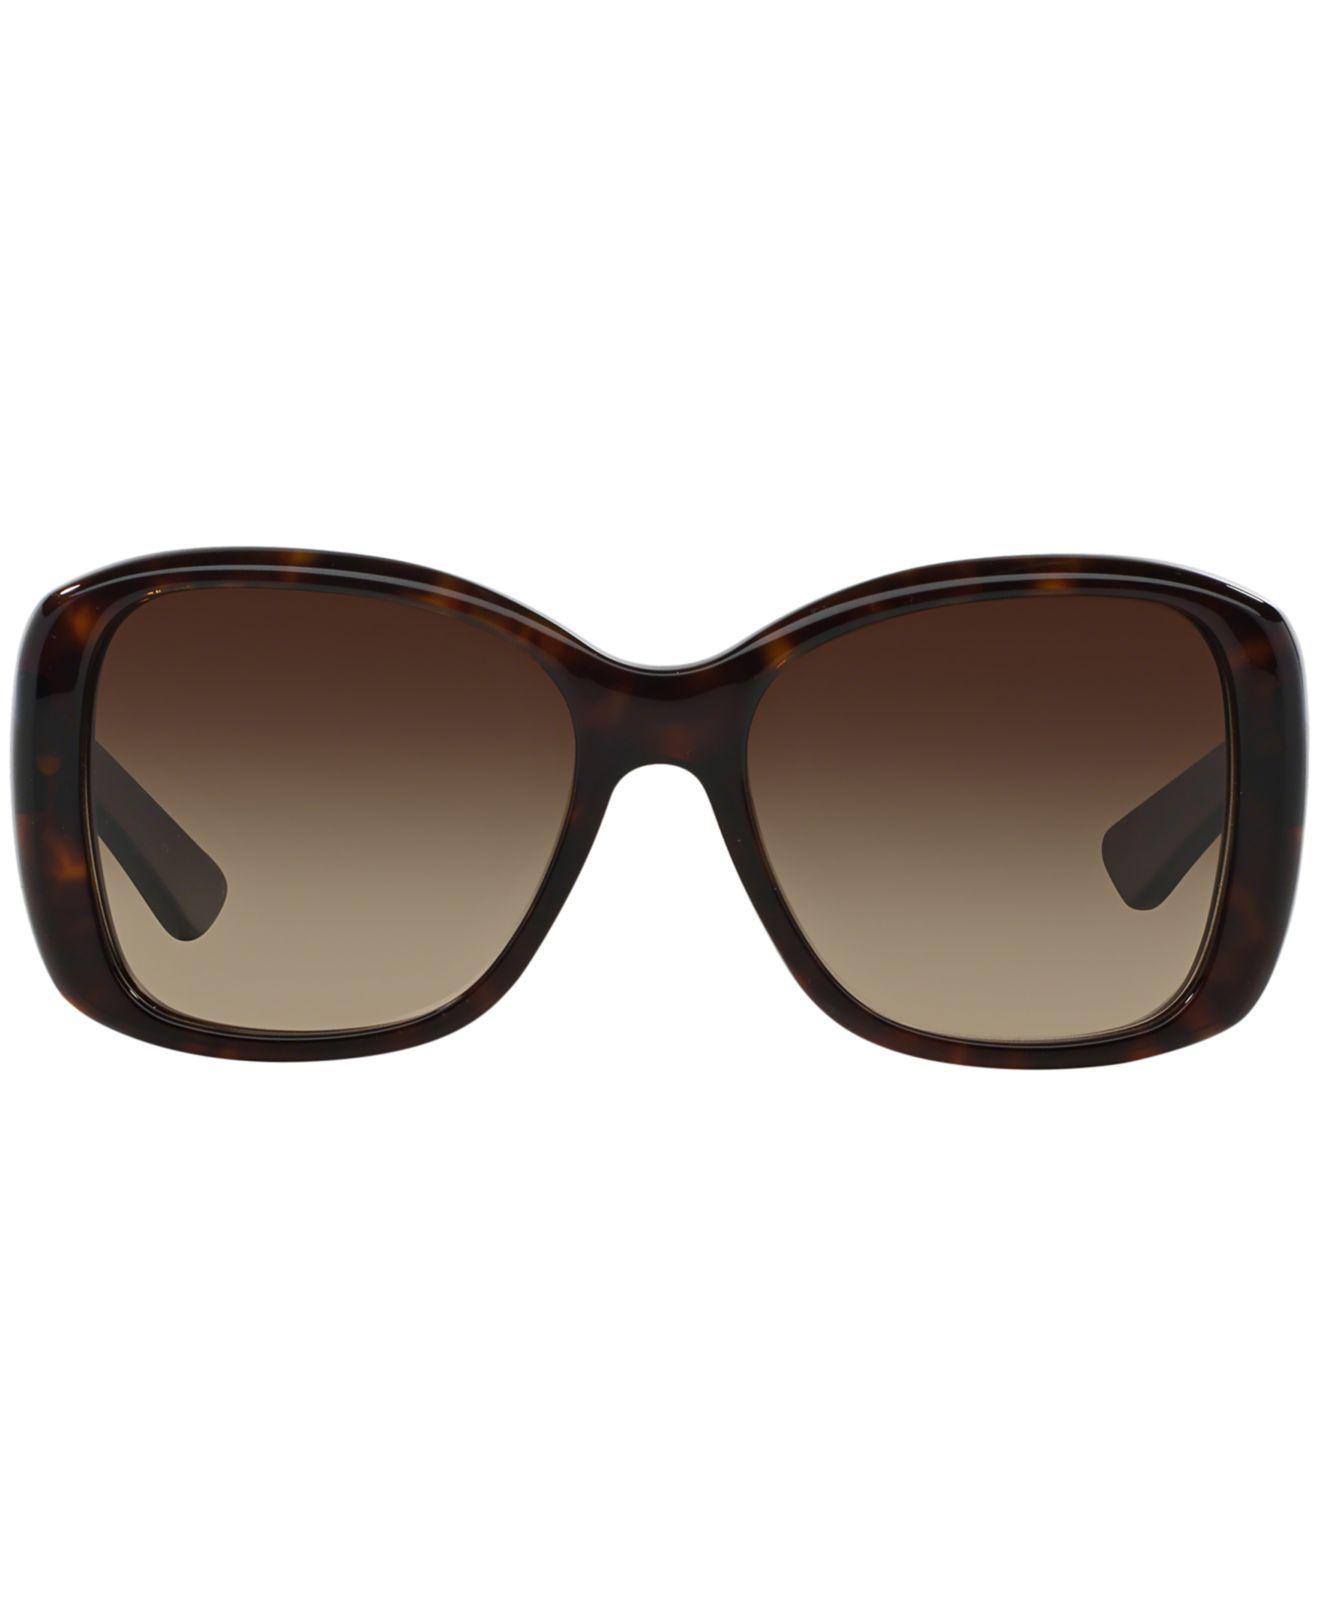 83264bea411 Lyst - Prada Sunglasses